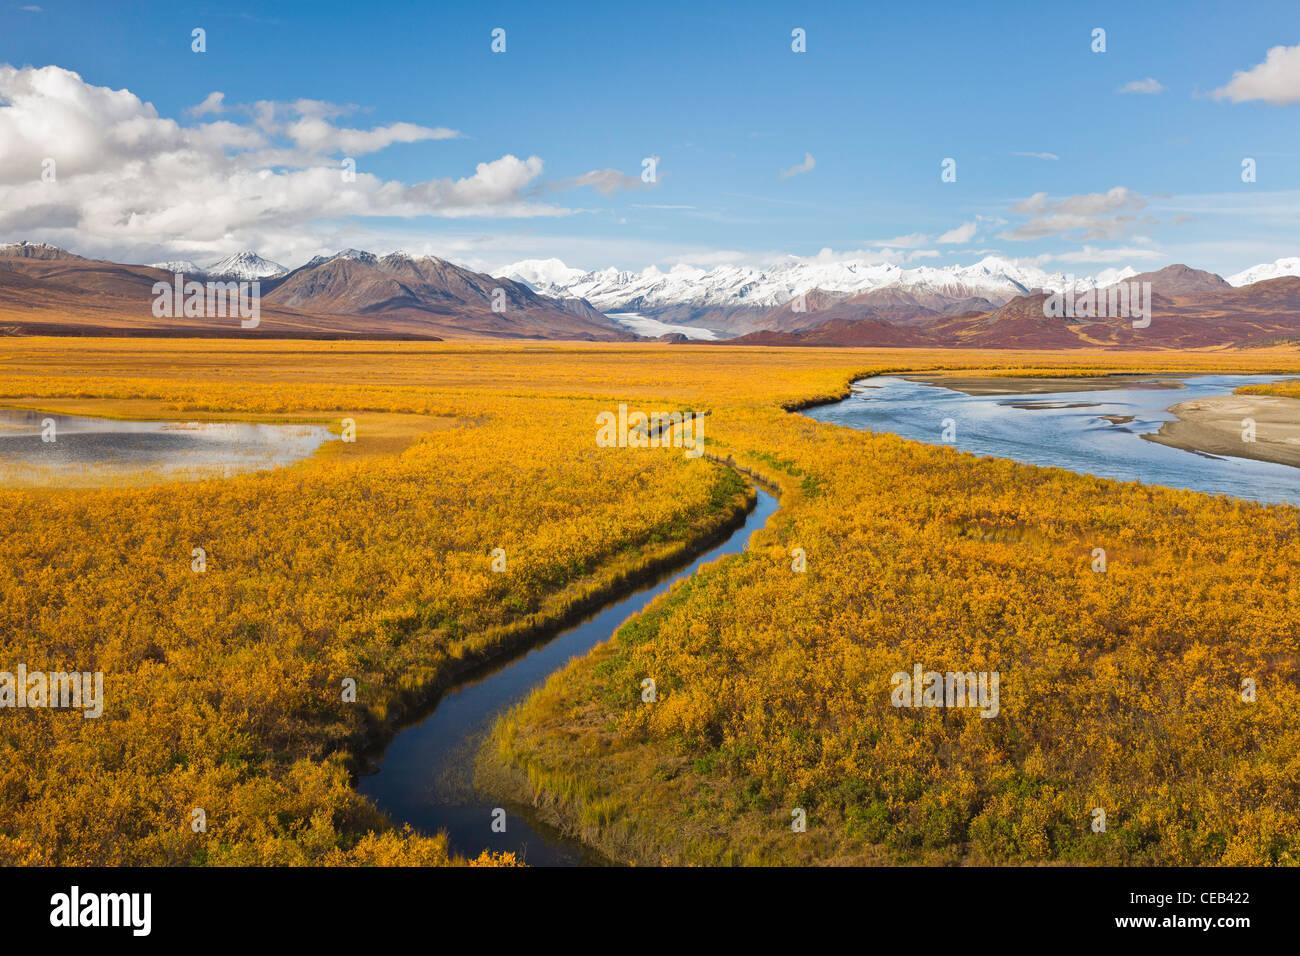 Vista panorámica del Glaciar, Maclaren Maclaren River Valley y la región oriental de Alaska Range Mountains en el otoño atrasado en el interior de Alaska. Foto de stock